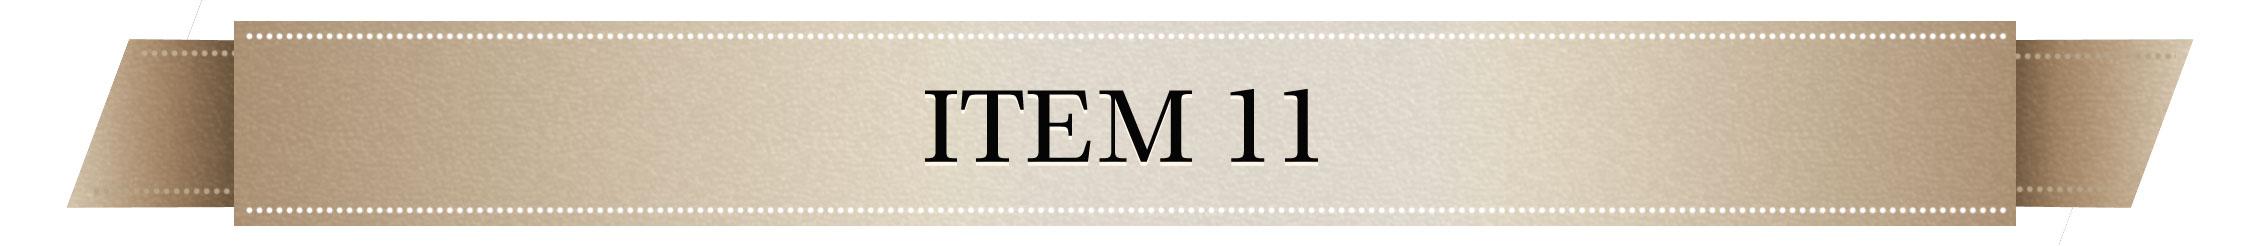 item-11web